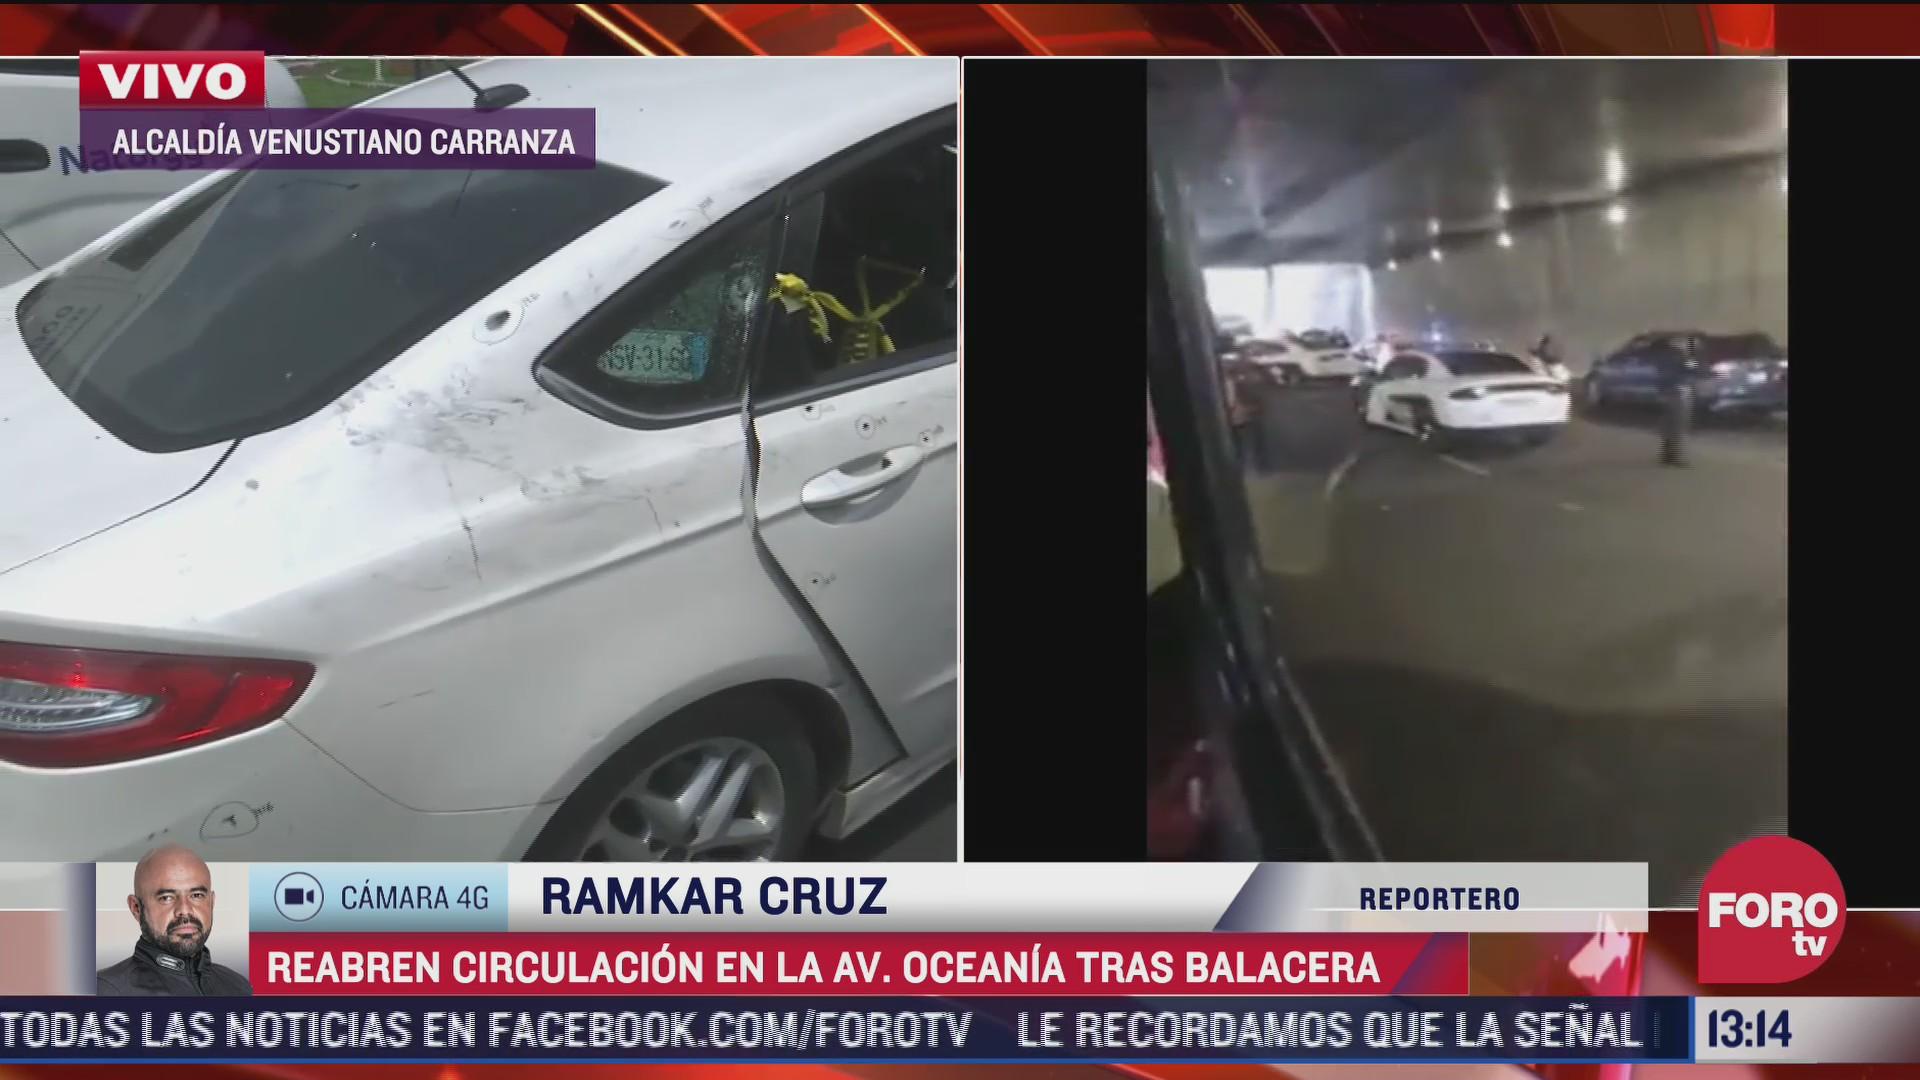 reabren circulacion en avenida oceania cdmx tras balacera que dejo un muerto